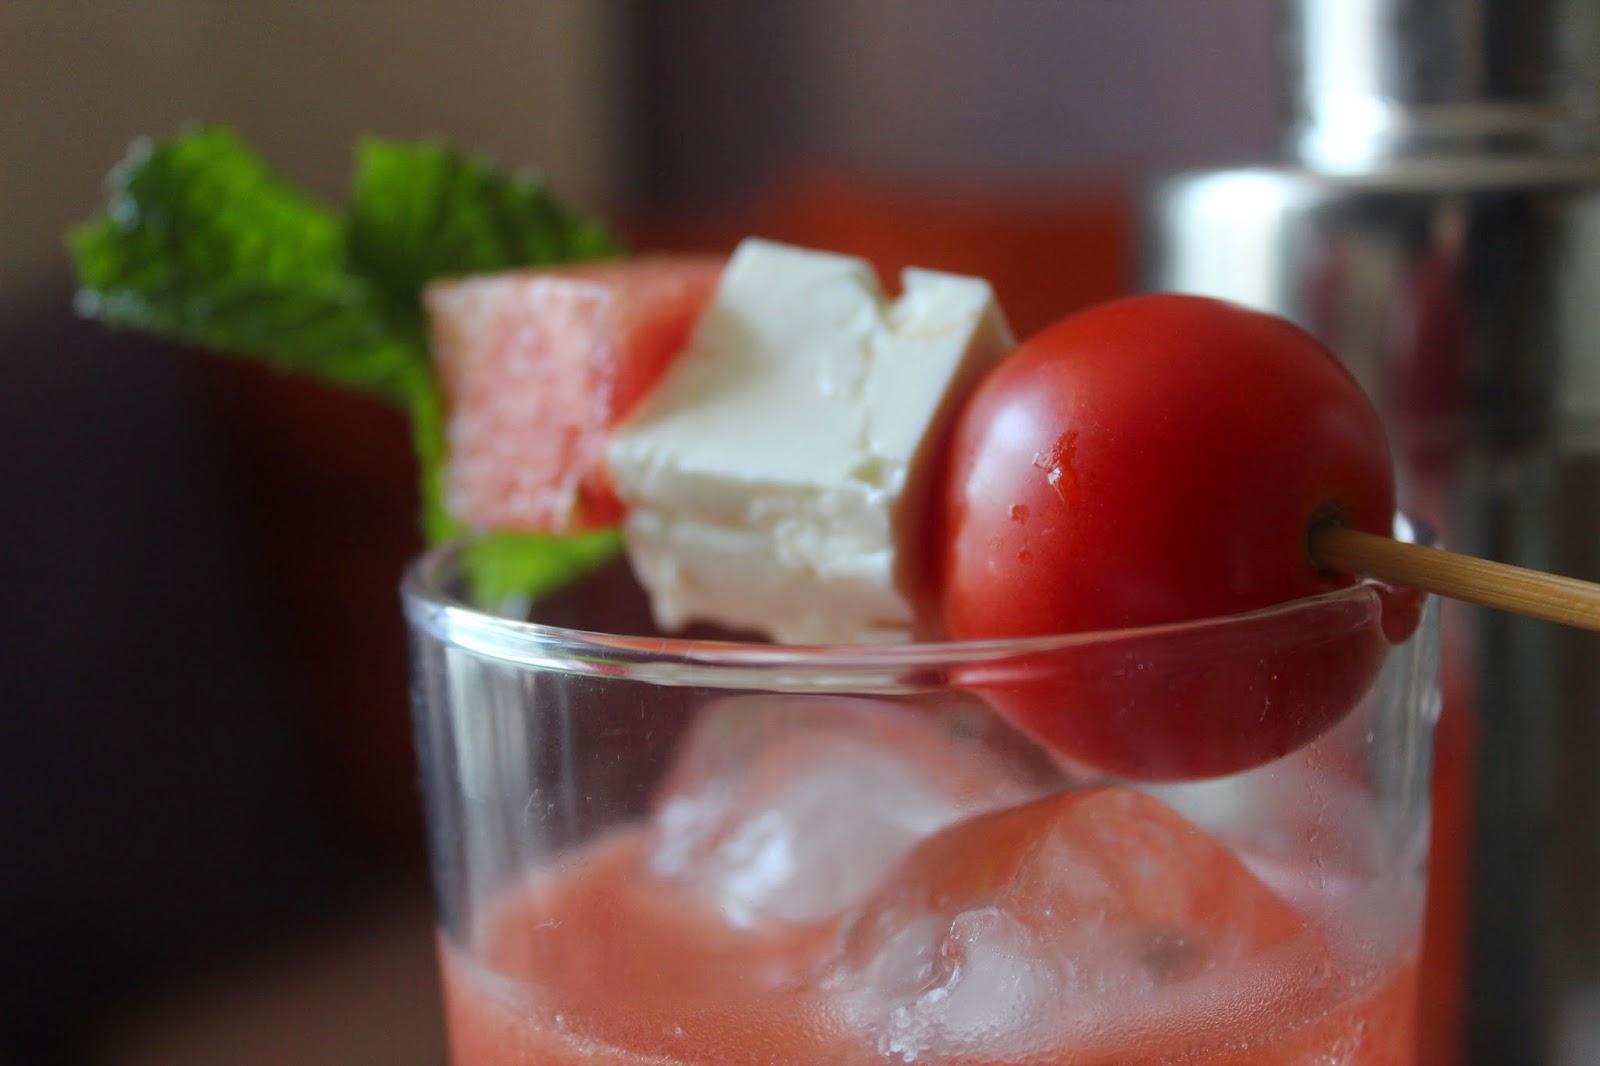 Tomato-Watermelon Vodka Fresca // Runaway Apricot